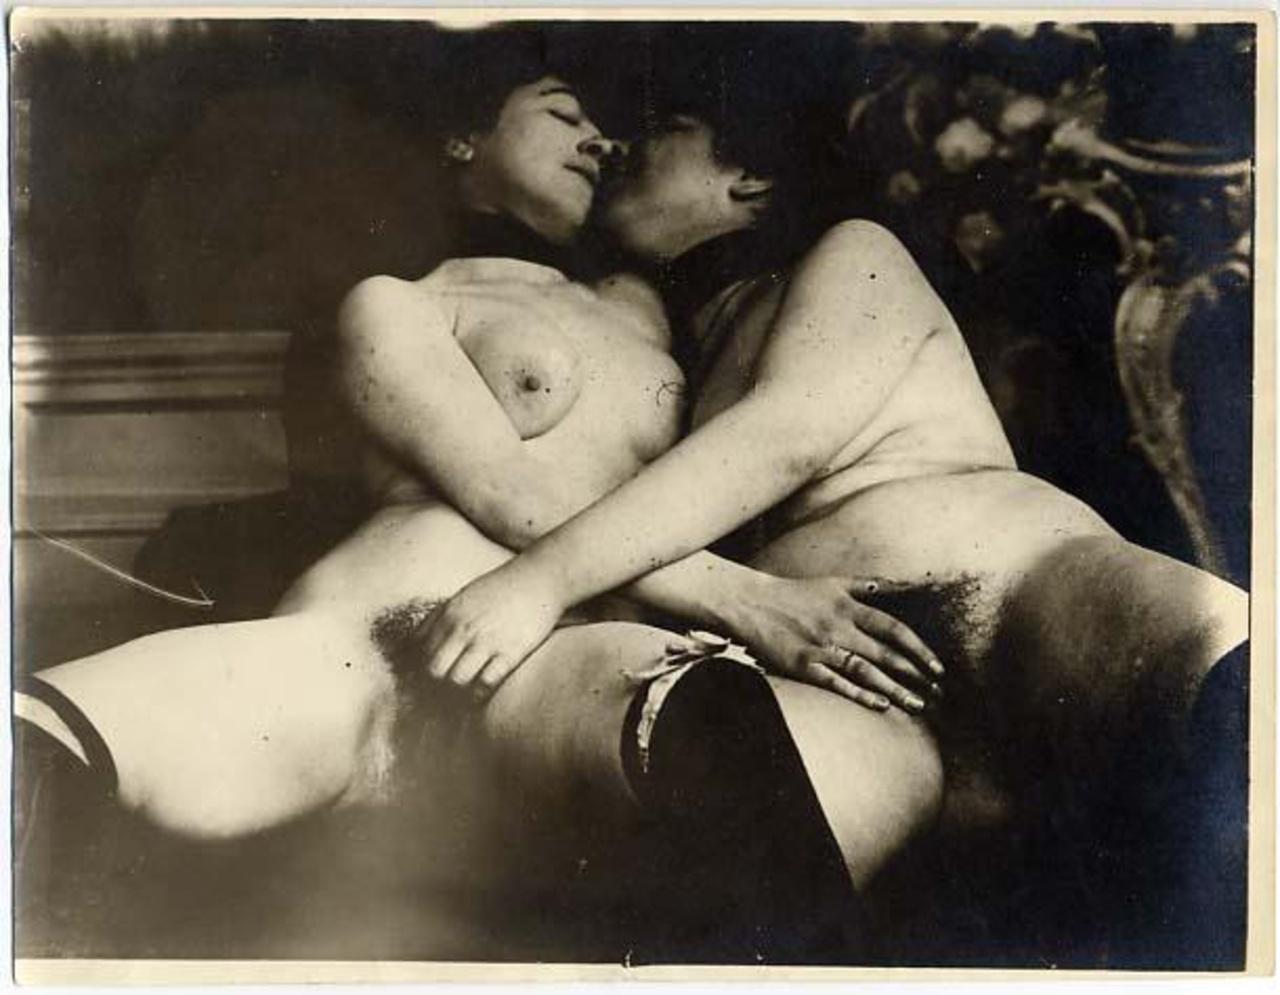 cherno-belaya-retro-erotika